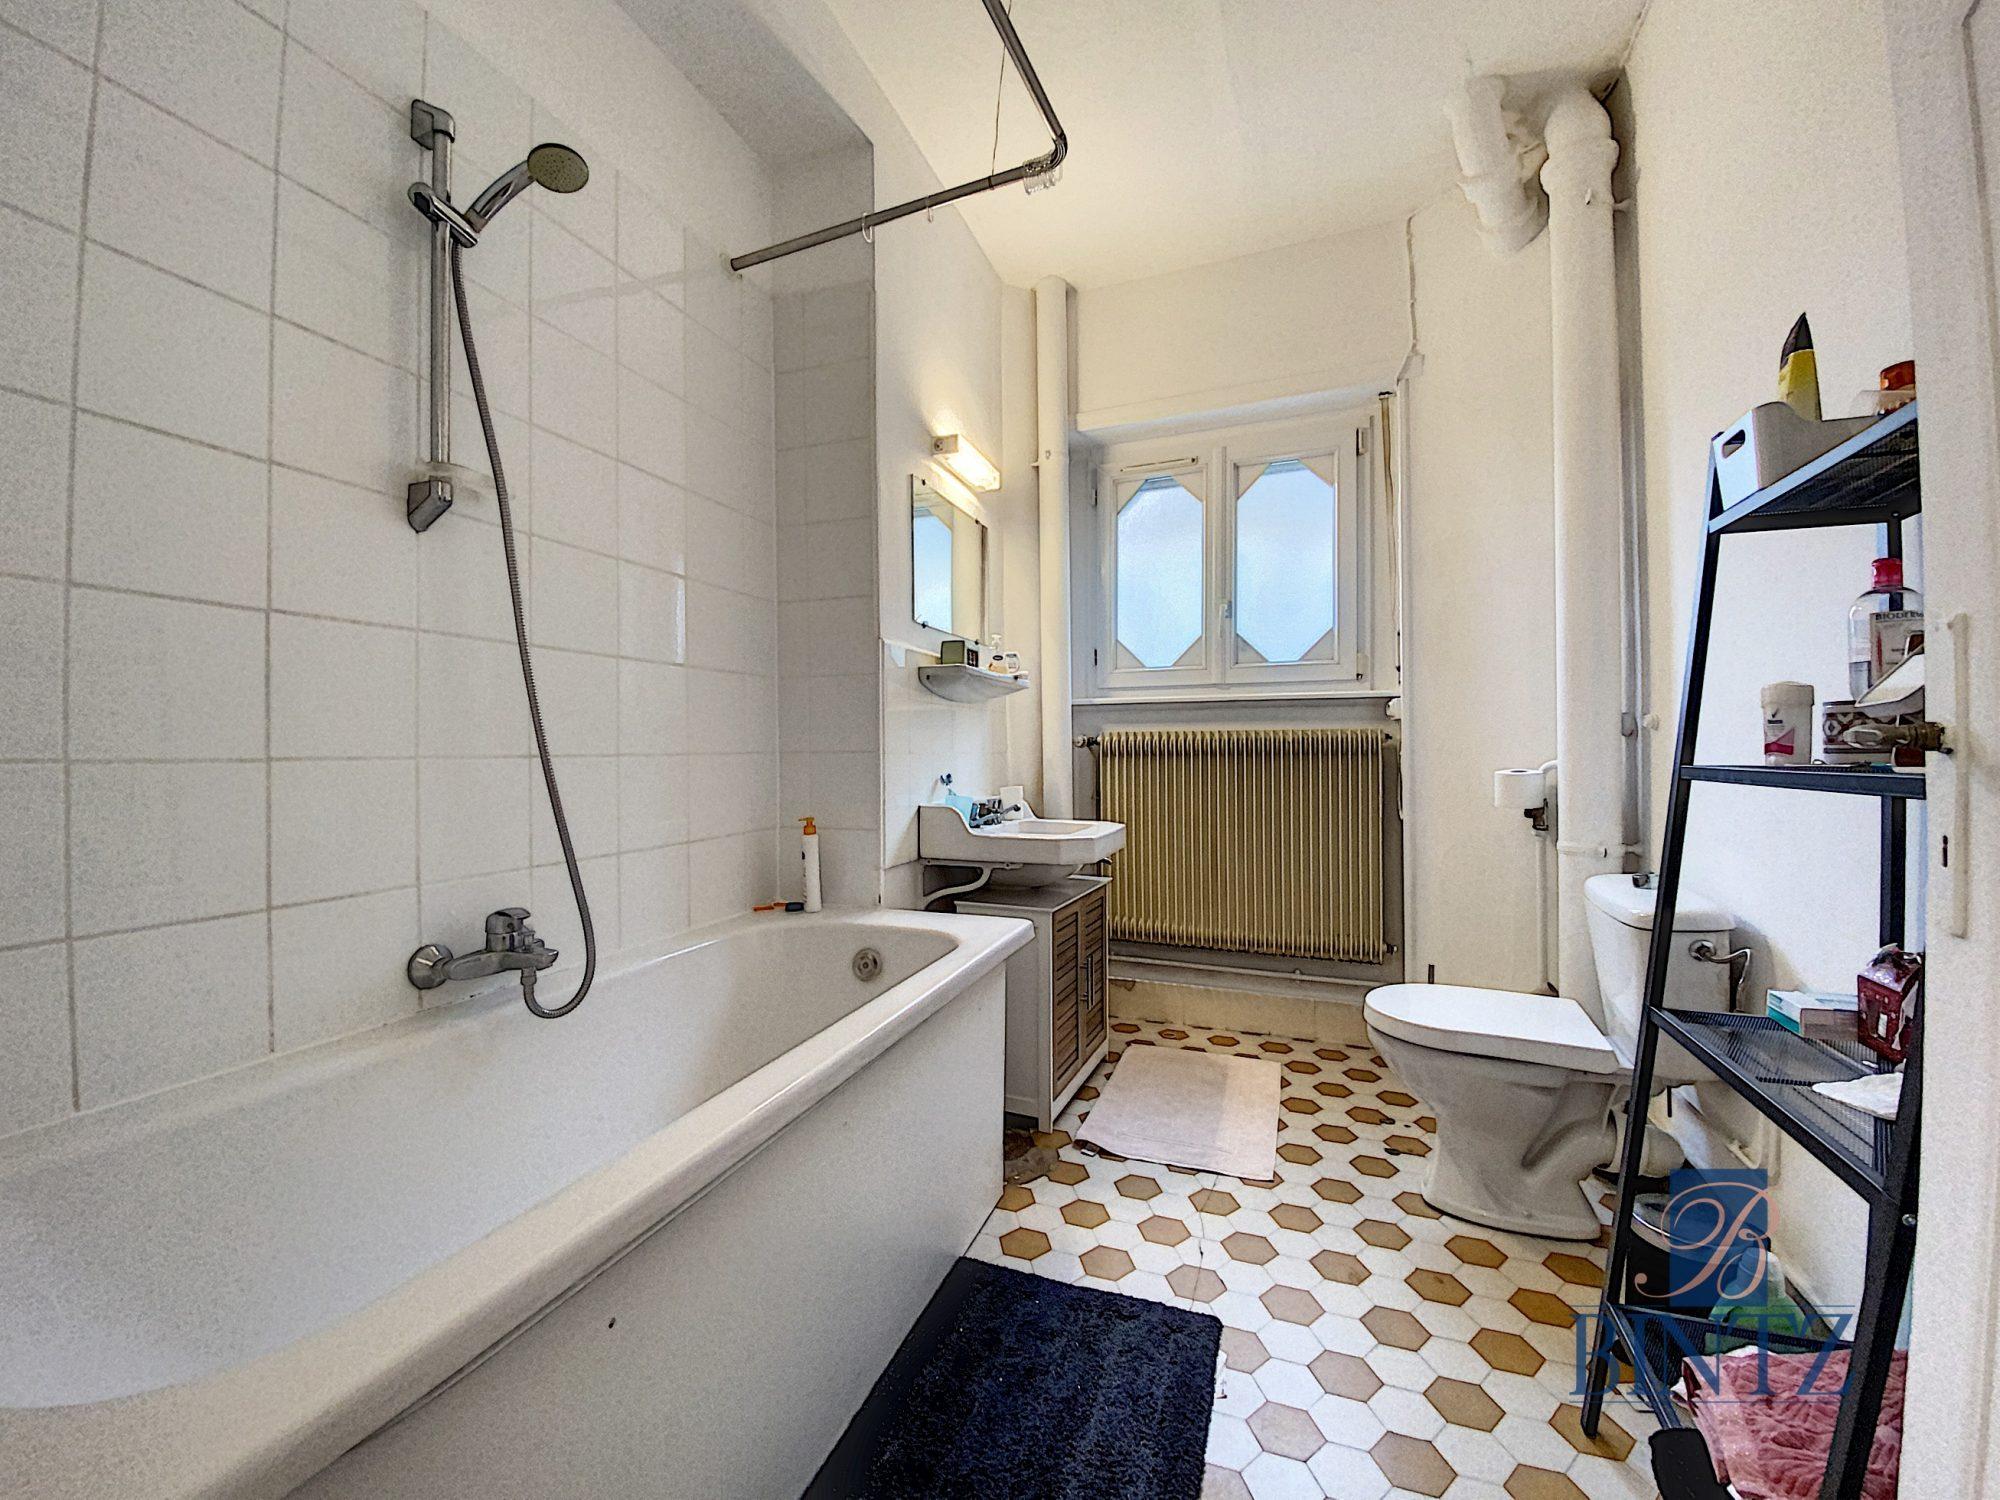 GRAND 1 PIÈCE KRUTENEAU - Devenez locataire en toute sérénité - Bintz Immobilier - 5